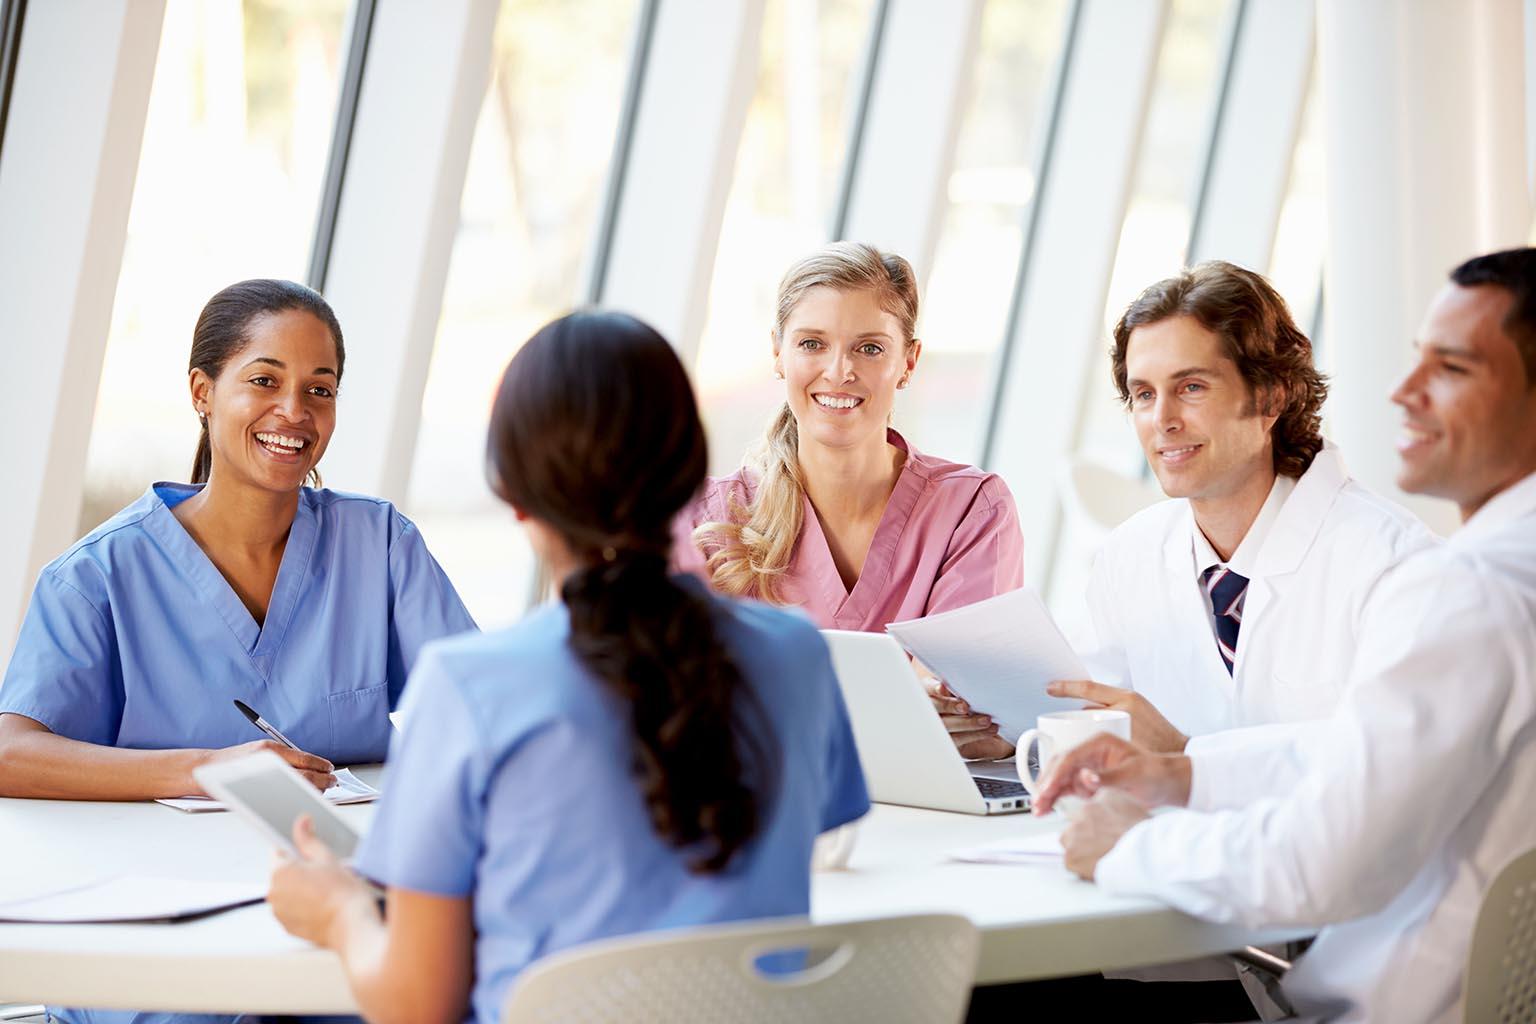 advertise nursing programs